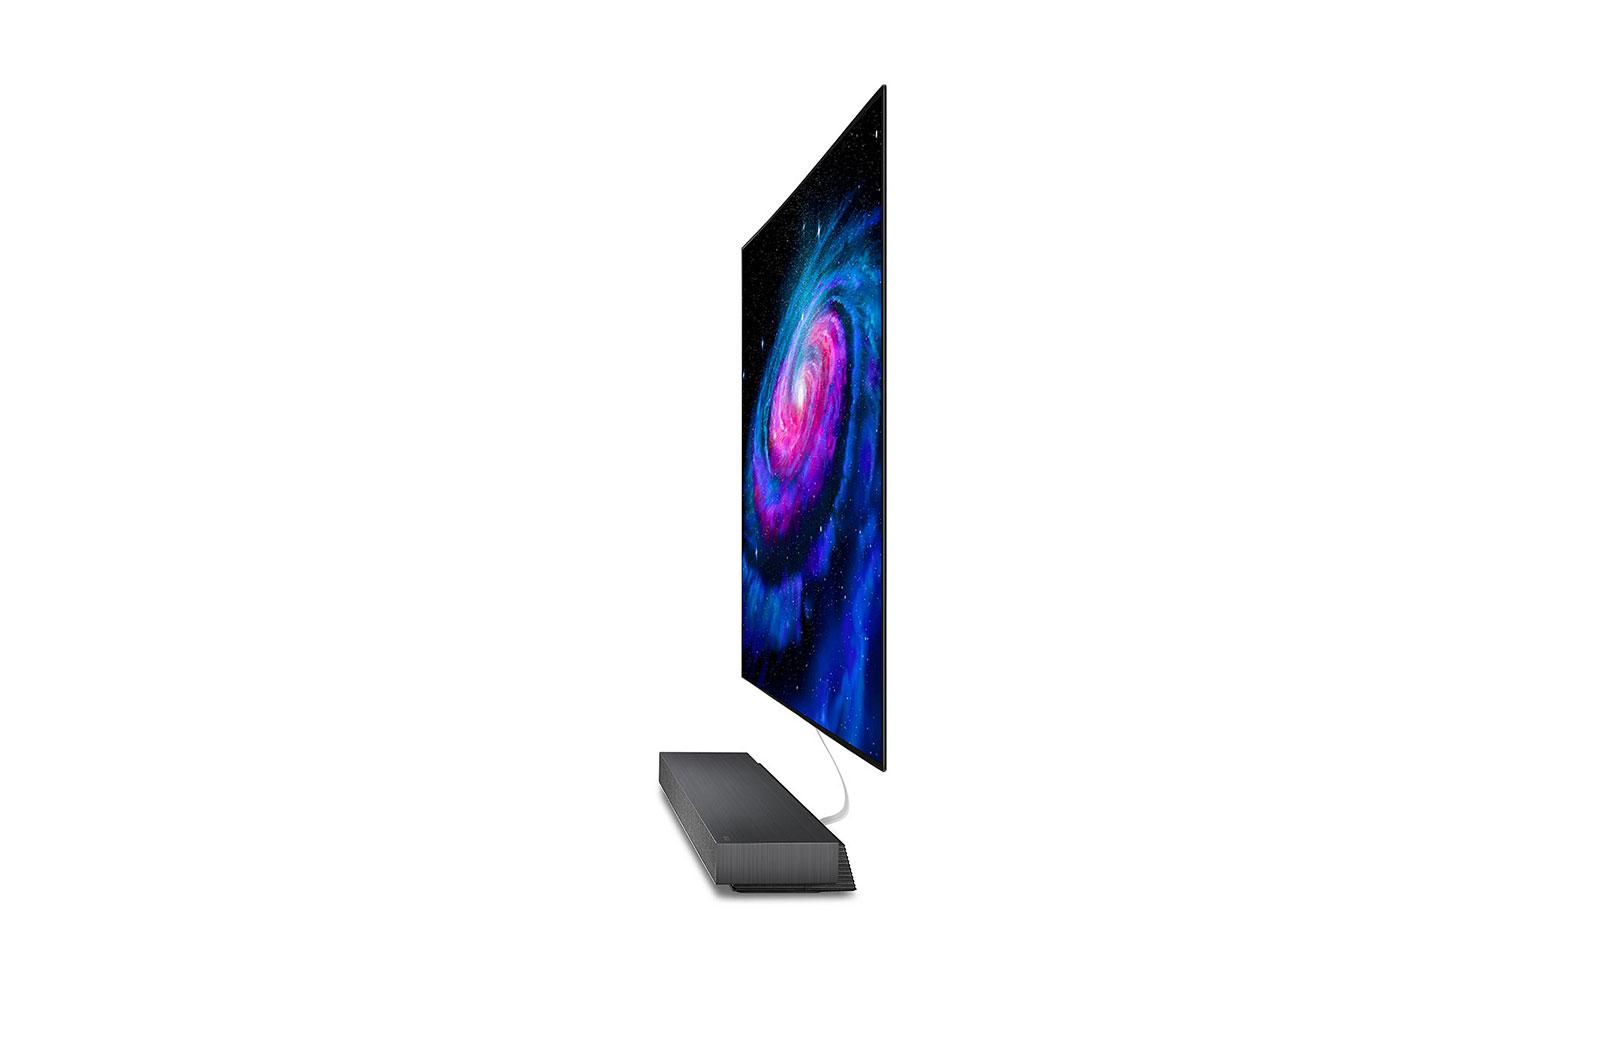 LG WX OLED TV